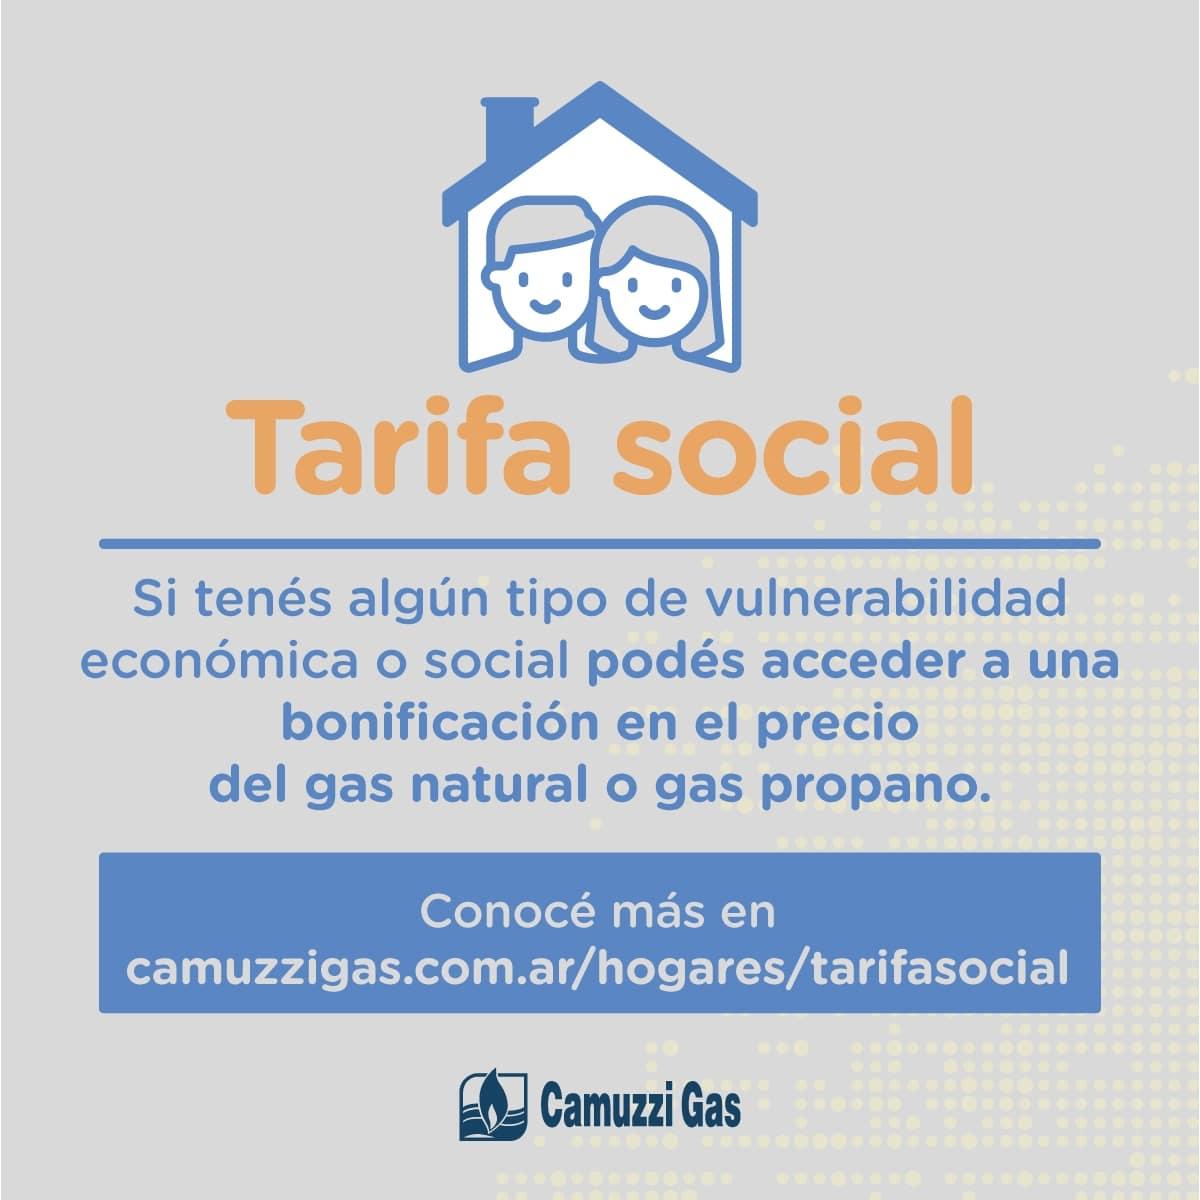 Camuzzi anuncia cambios para acceder la Tarifa Social